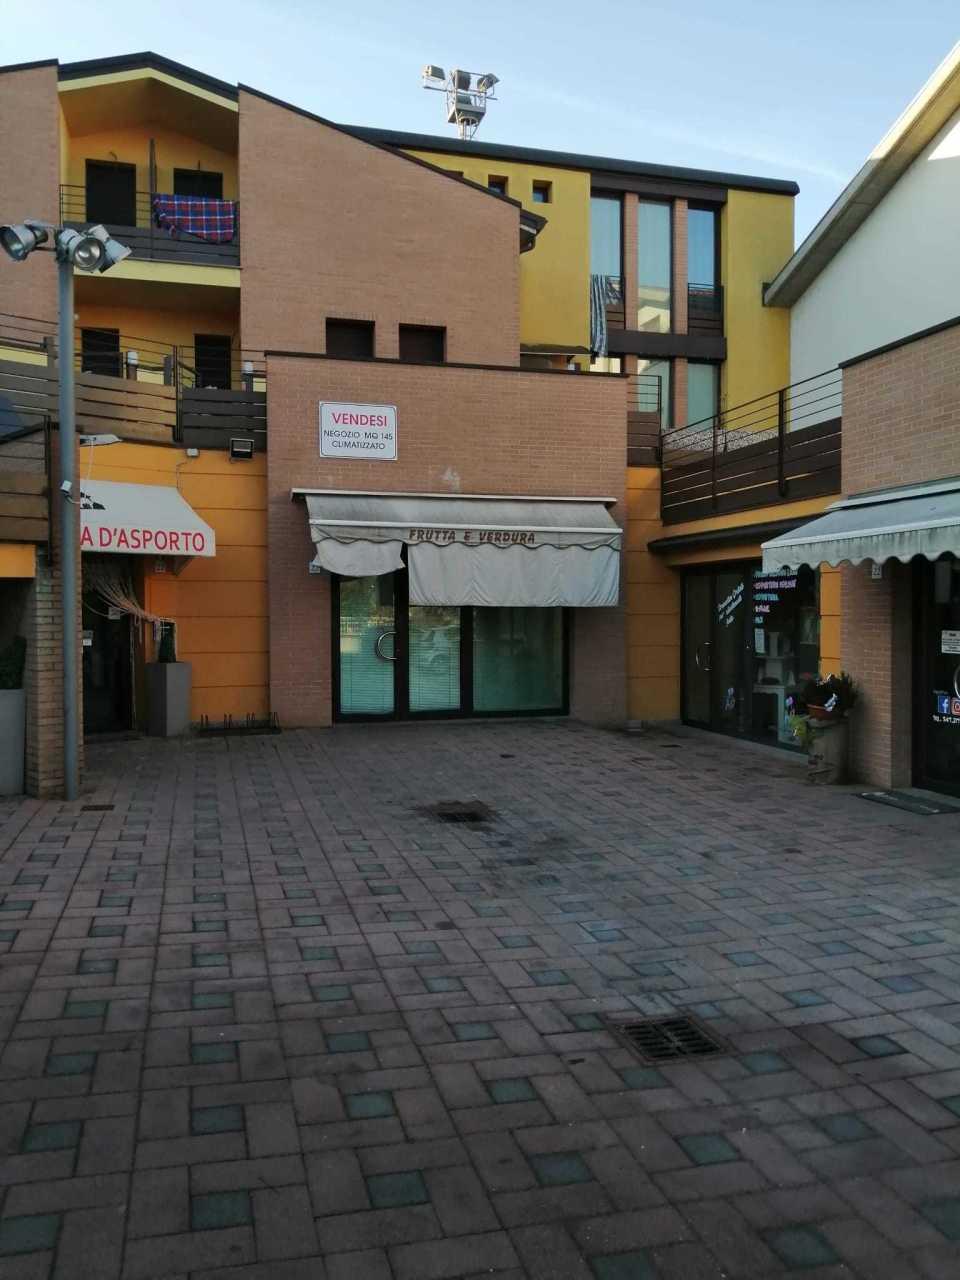 Locale commerciale - 1 Vetrina a Medesano Rif. 11915733